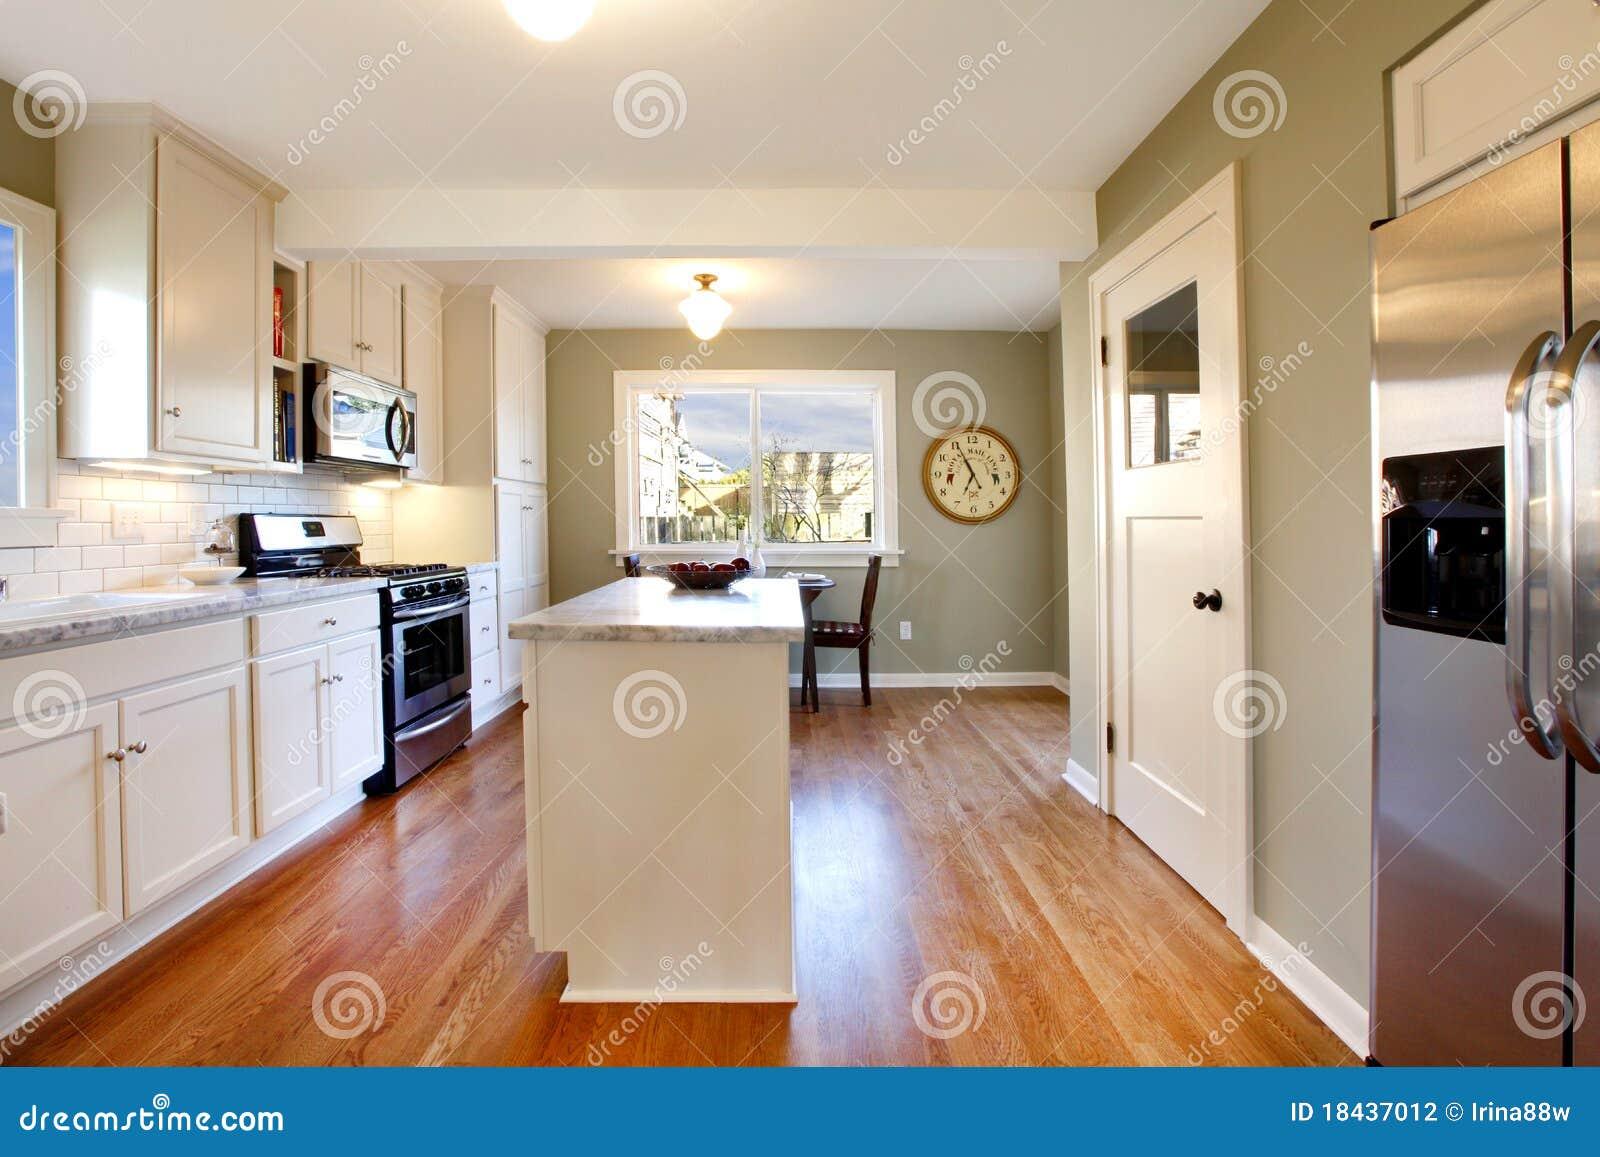 #794120 Cozinha Branca E Verde Com Projeto Luxuoso Fotografia de Stock  1300x957 px Projeto Cozinha Branca_4110 Imagens